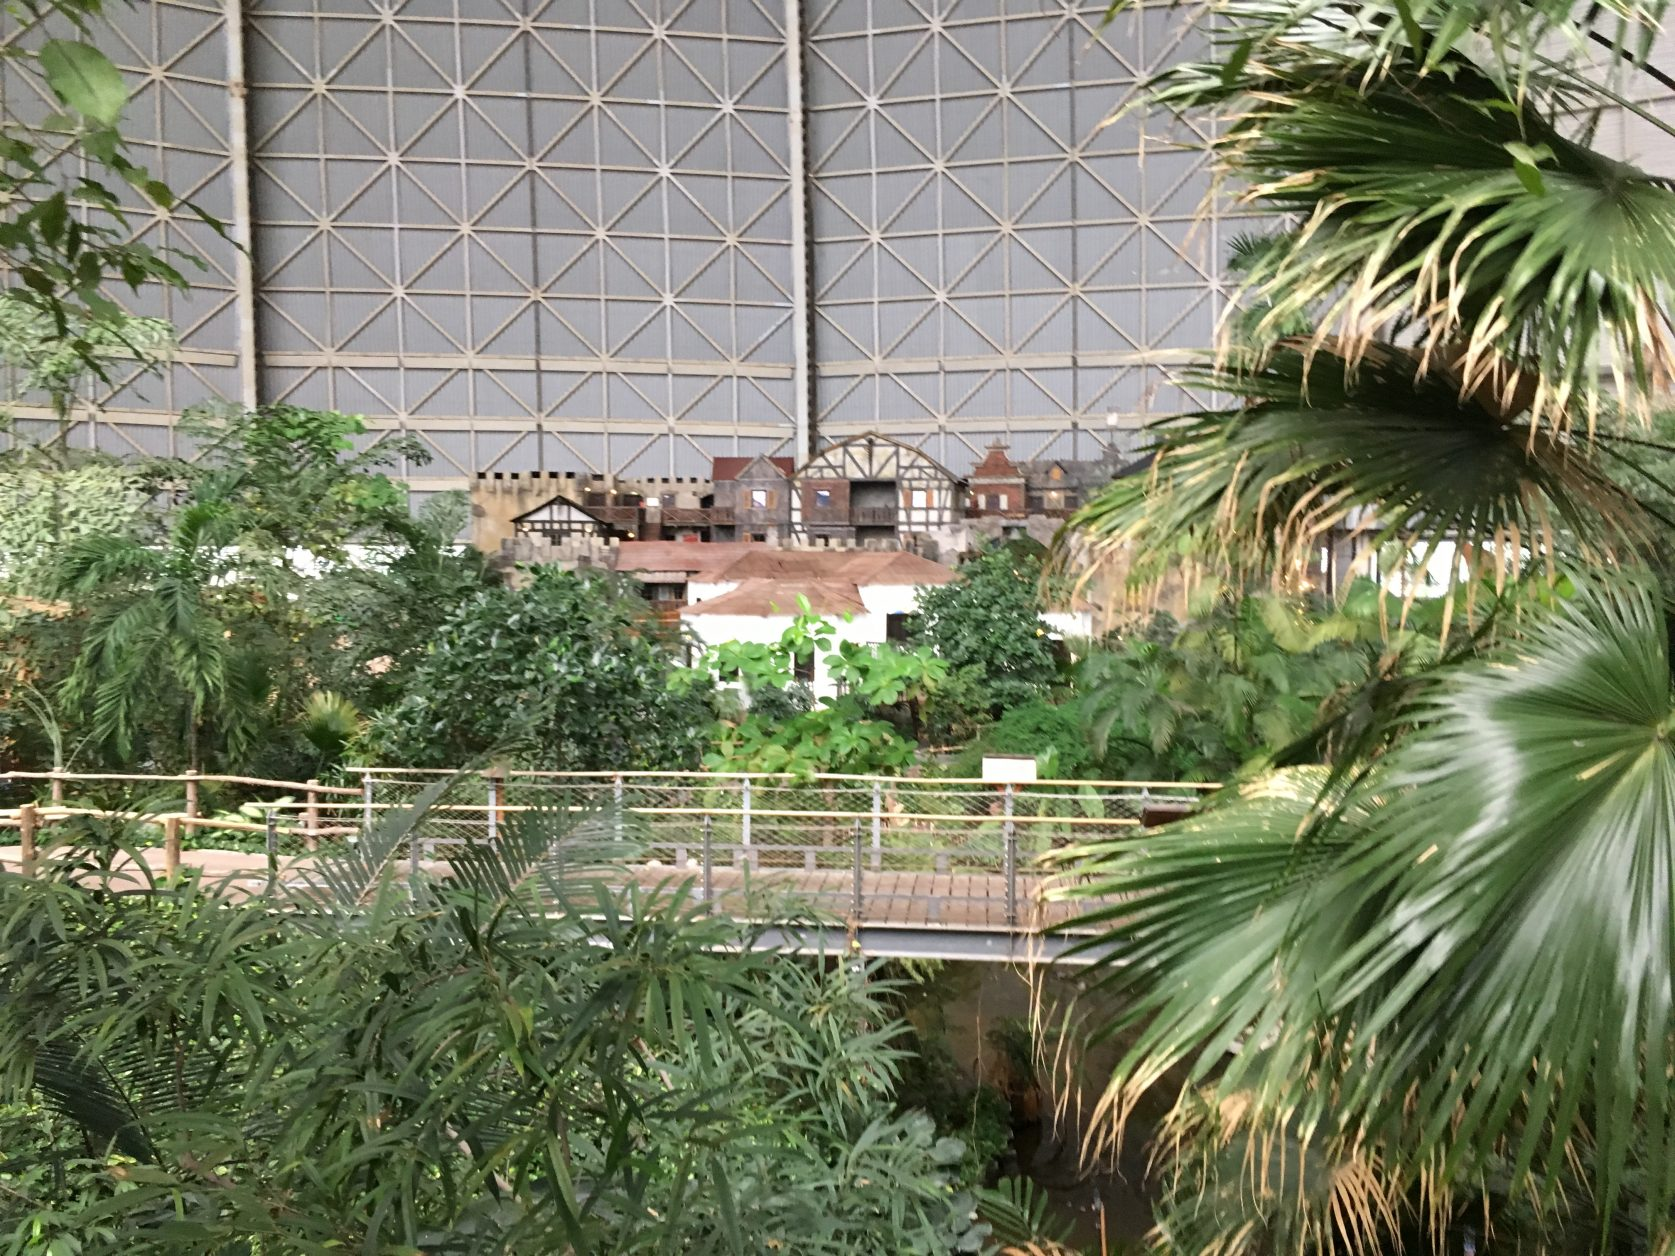 Palmen, die einst im Botanischen Garten von Berlin standen, schmücken den größten Indoor Regenwald Europas, Foto: D.Weirauch,